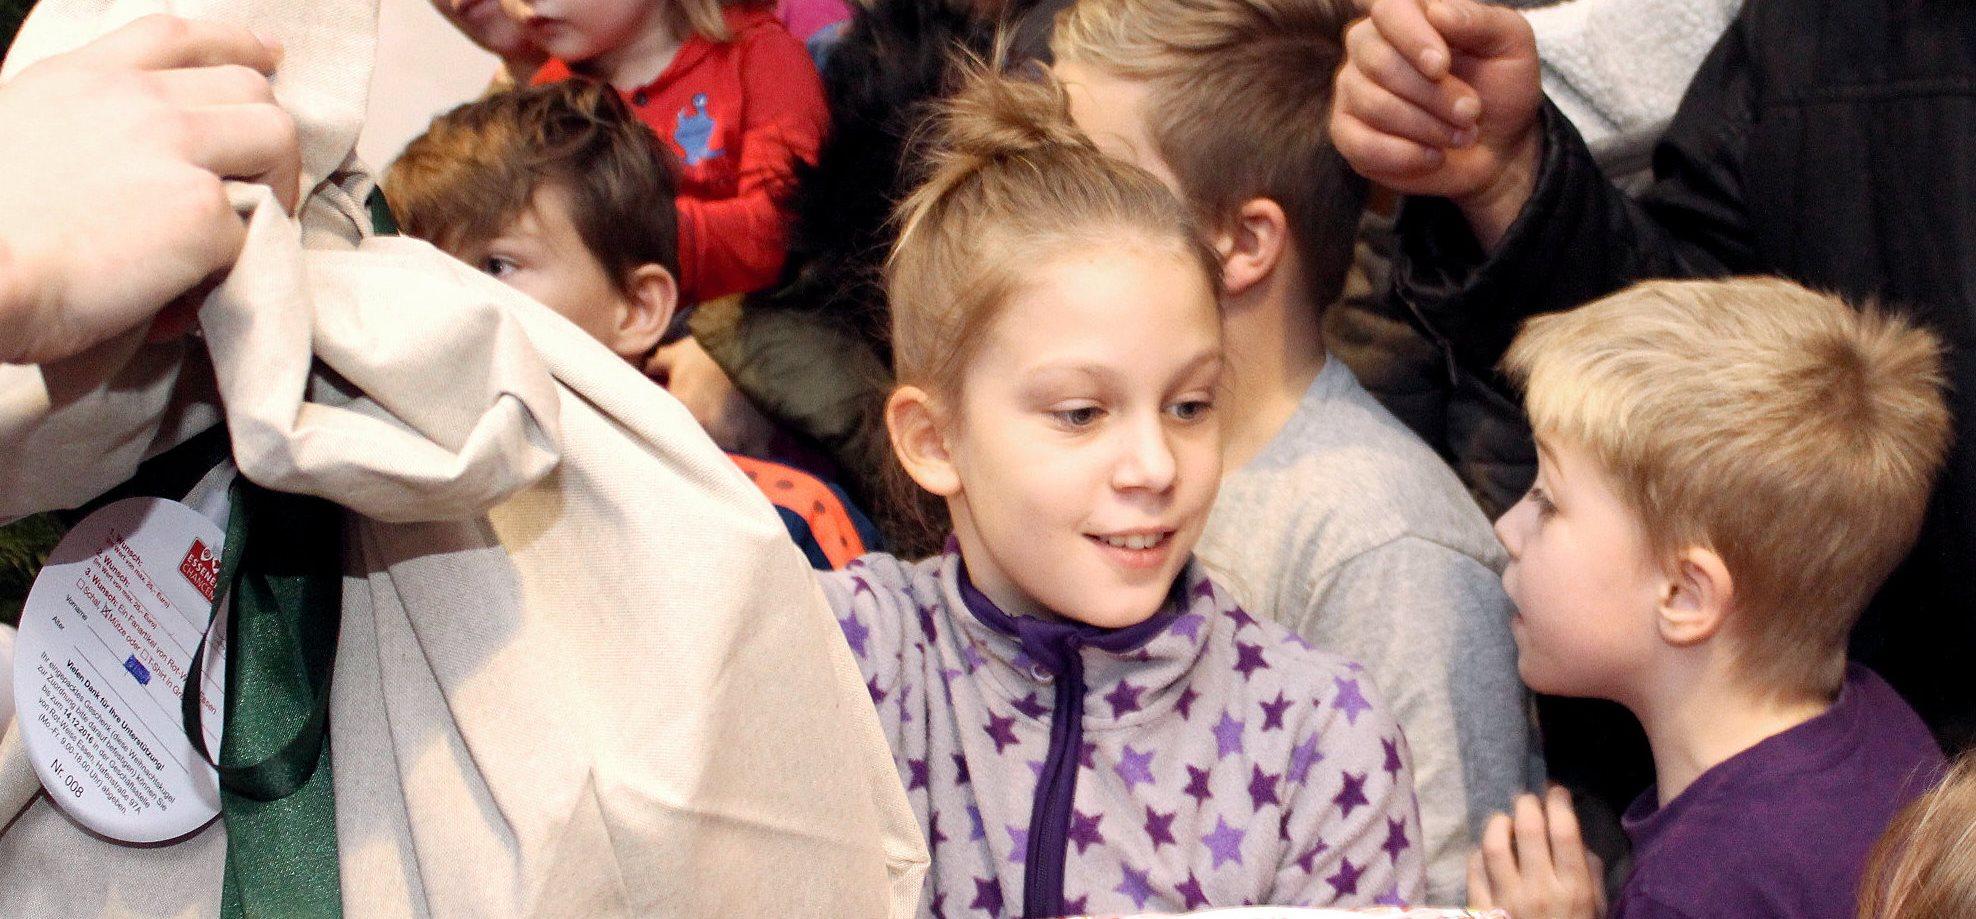 Jetzt für ein strahlendes Kinderlächeln sorgen und die Geschenke bis Freitag an der Hafenstraße abliefern. (Foto: Müller/EC)